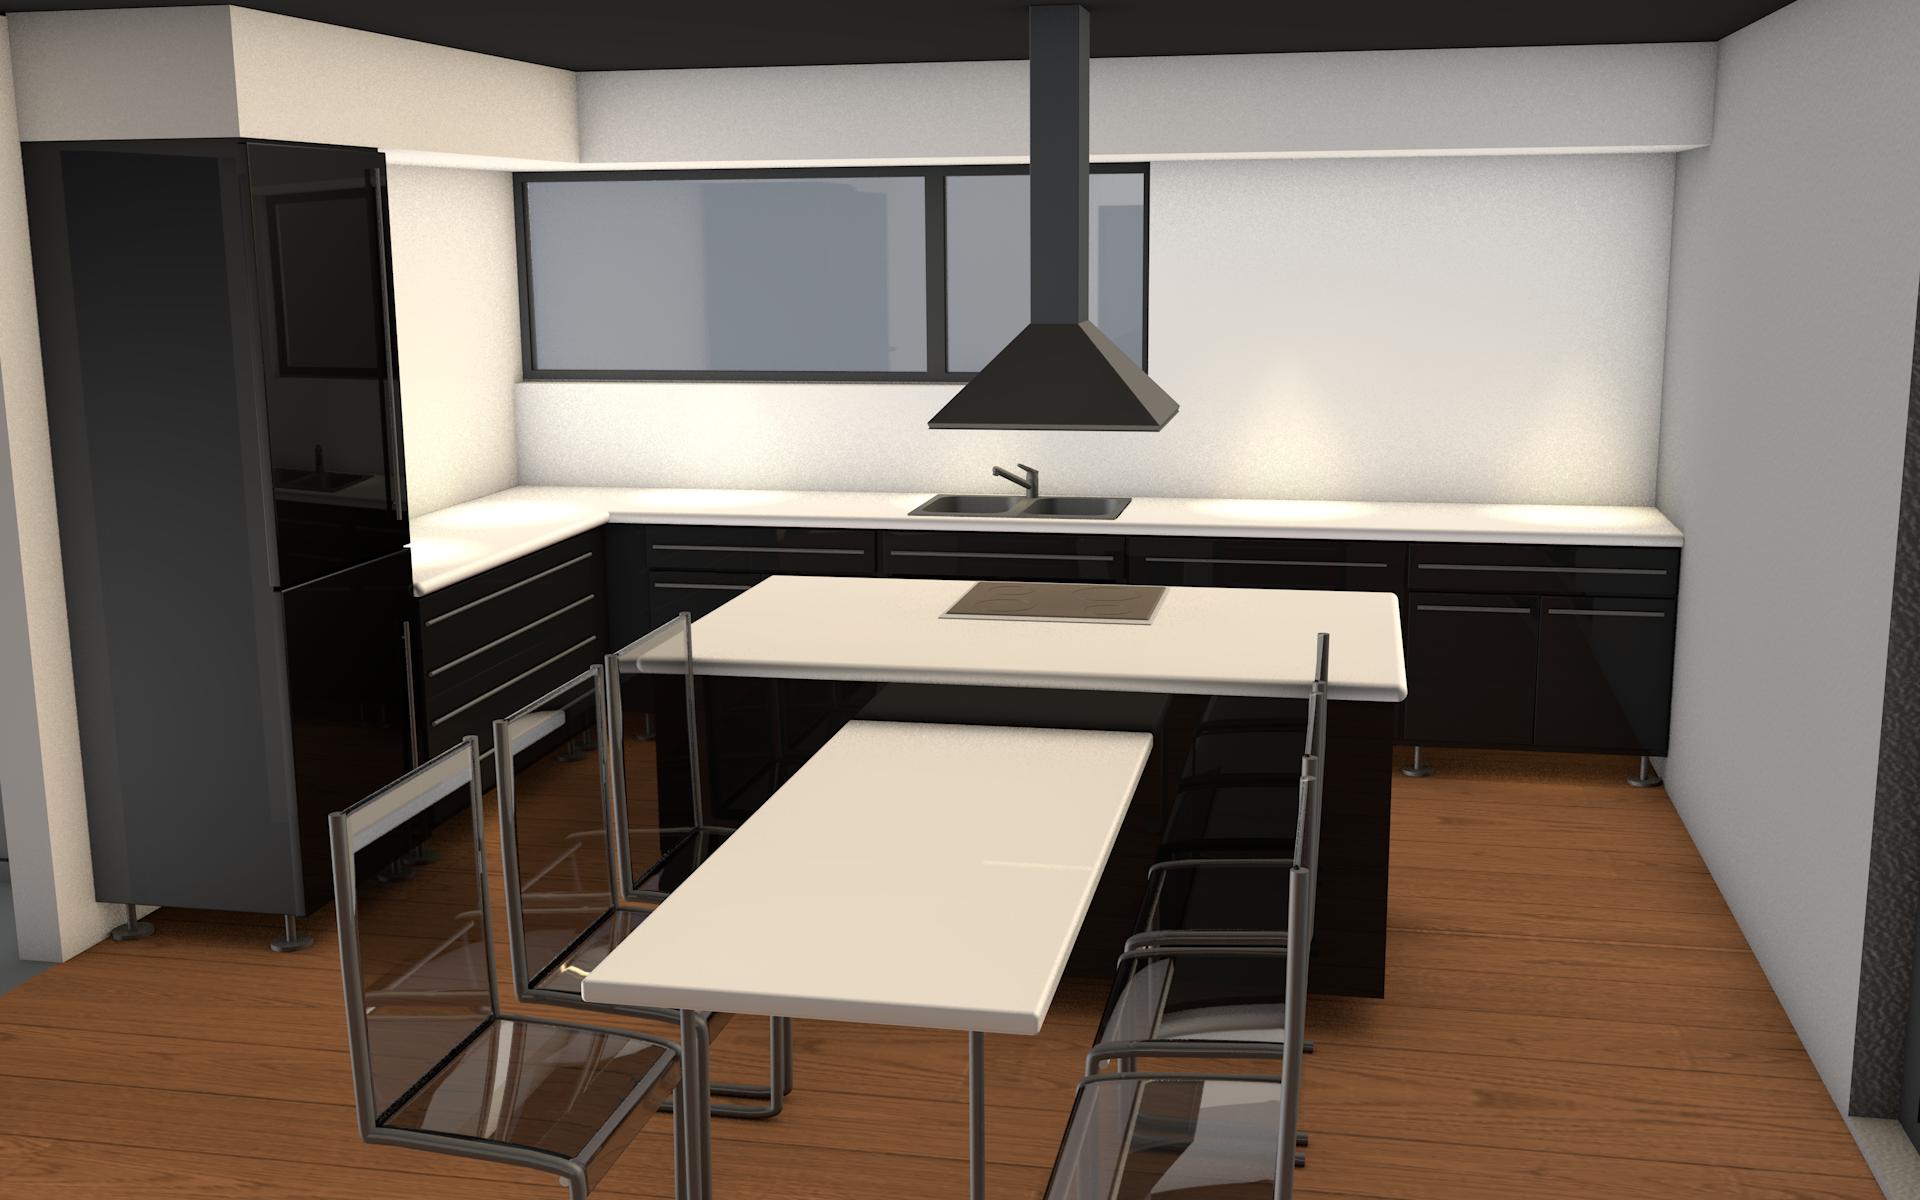 Kookeiland met uitschuifbare tafel extra genieten in eigen keuken